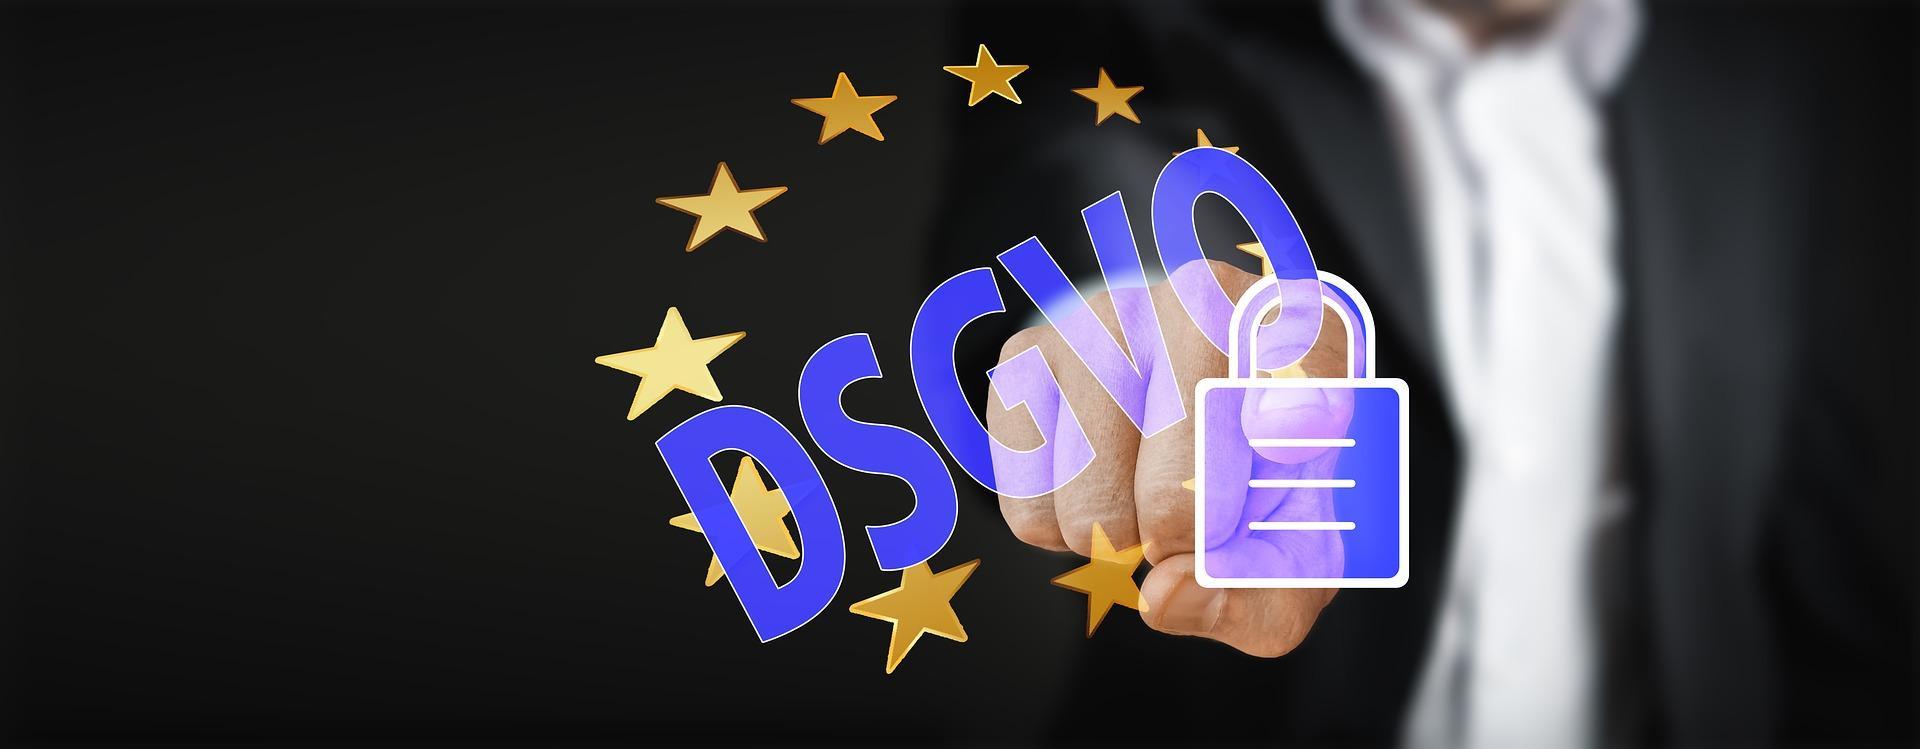 Internetportale – und der Schutz der Anmelderdaten